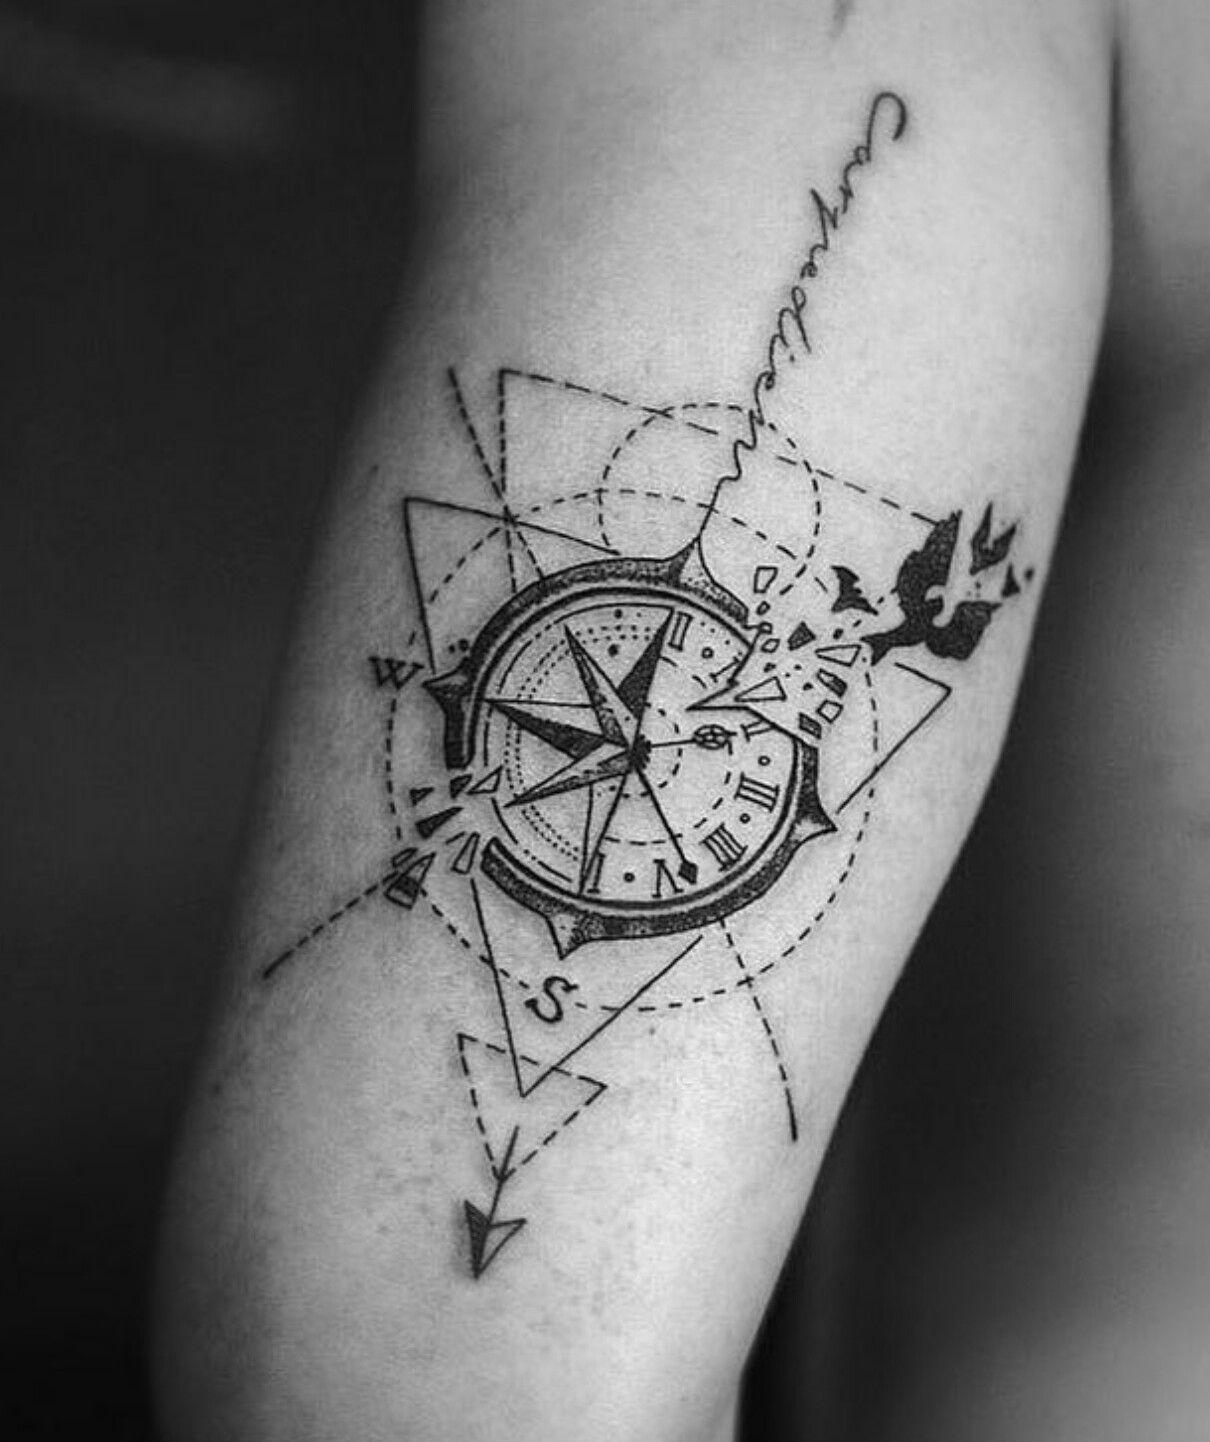 0ddcb9f9eab28 Pin by Jessica Boggess on Tattoo ideas | Geometric tattoo design ...